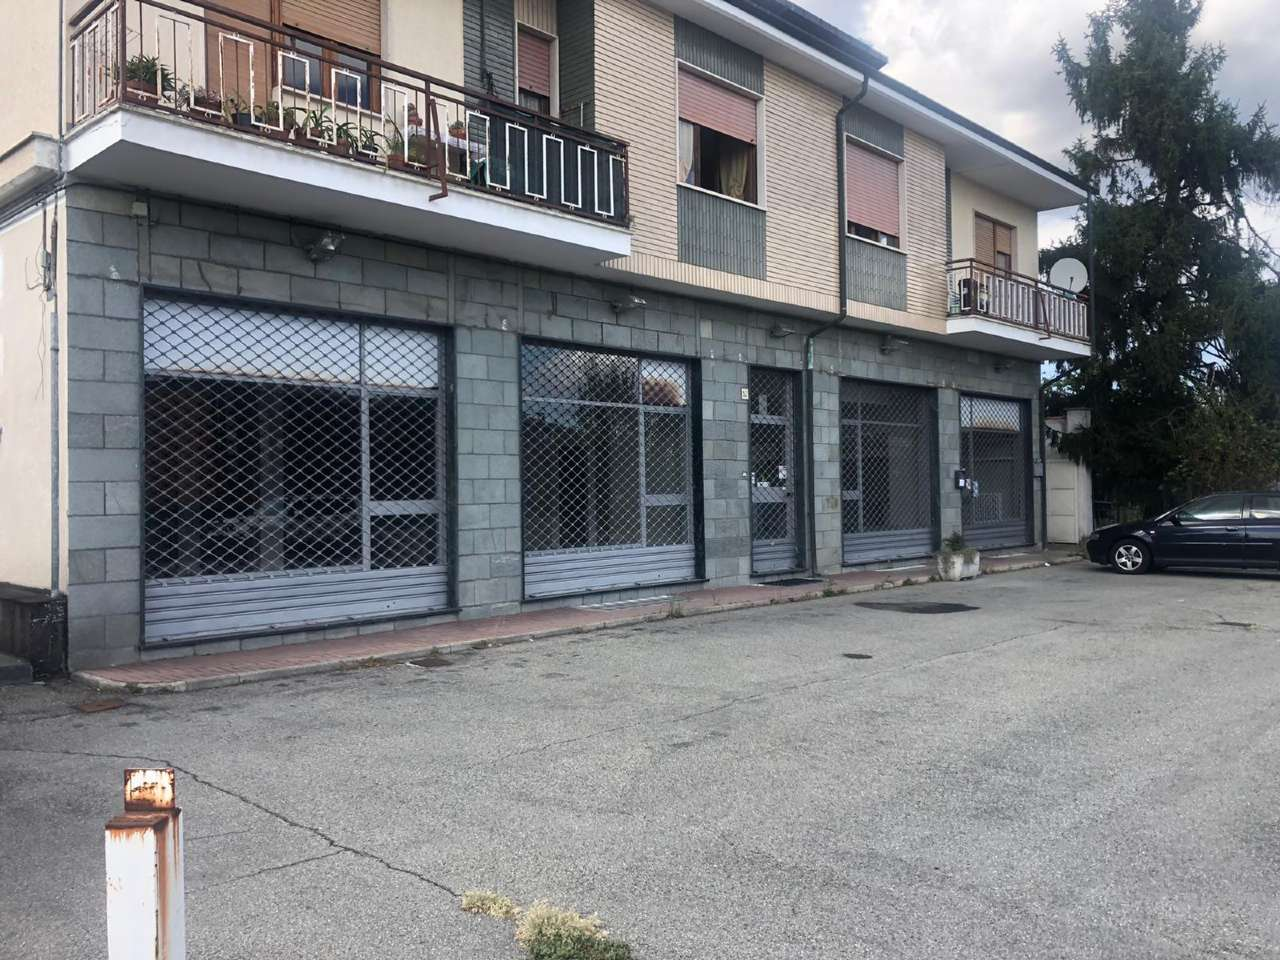 Negozio / Locale in affitto a Orbassano, 1 locali, prezzo € 1.700 | PortaleAgenzieImmobiliari.it